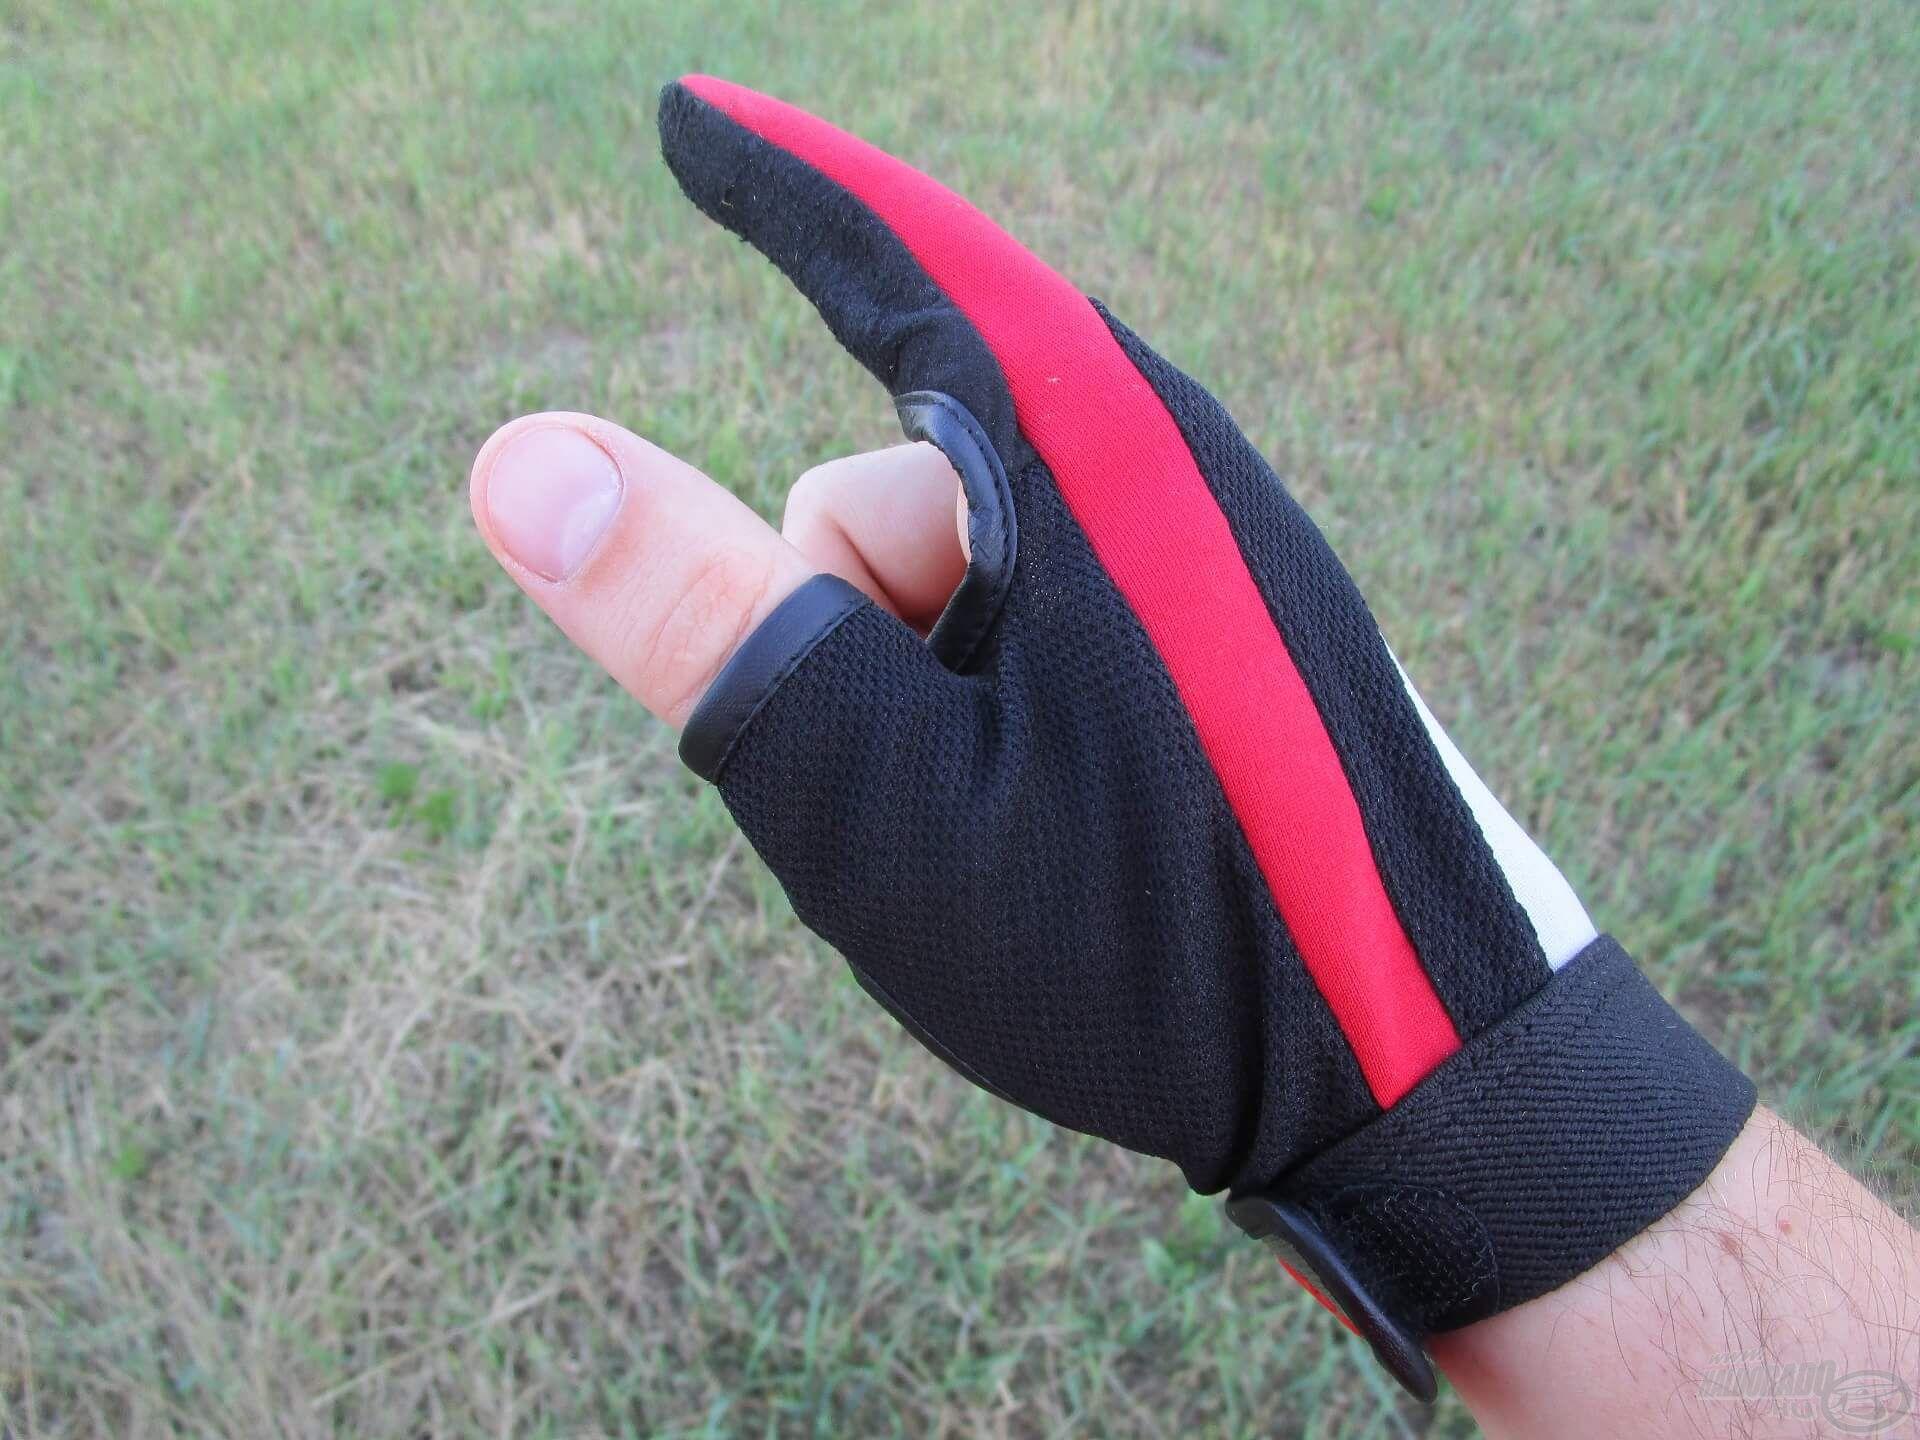 A fonott dobóelőke zsinór nagyon vékony, elég egy apró hiba, és könnyen belevág az ember ujjába. Egy dobókesztyű vagy valami más ujjvédő használata tehát nélkülözhetetlen a távdobáshoz!